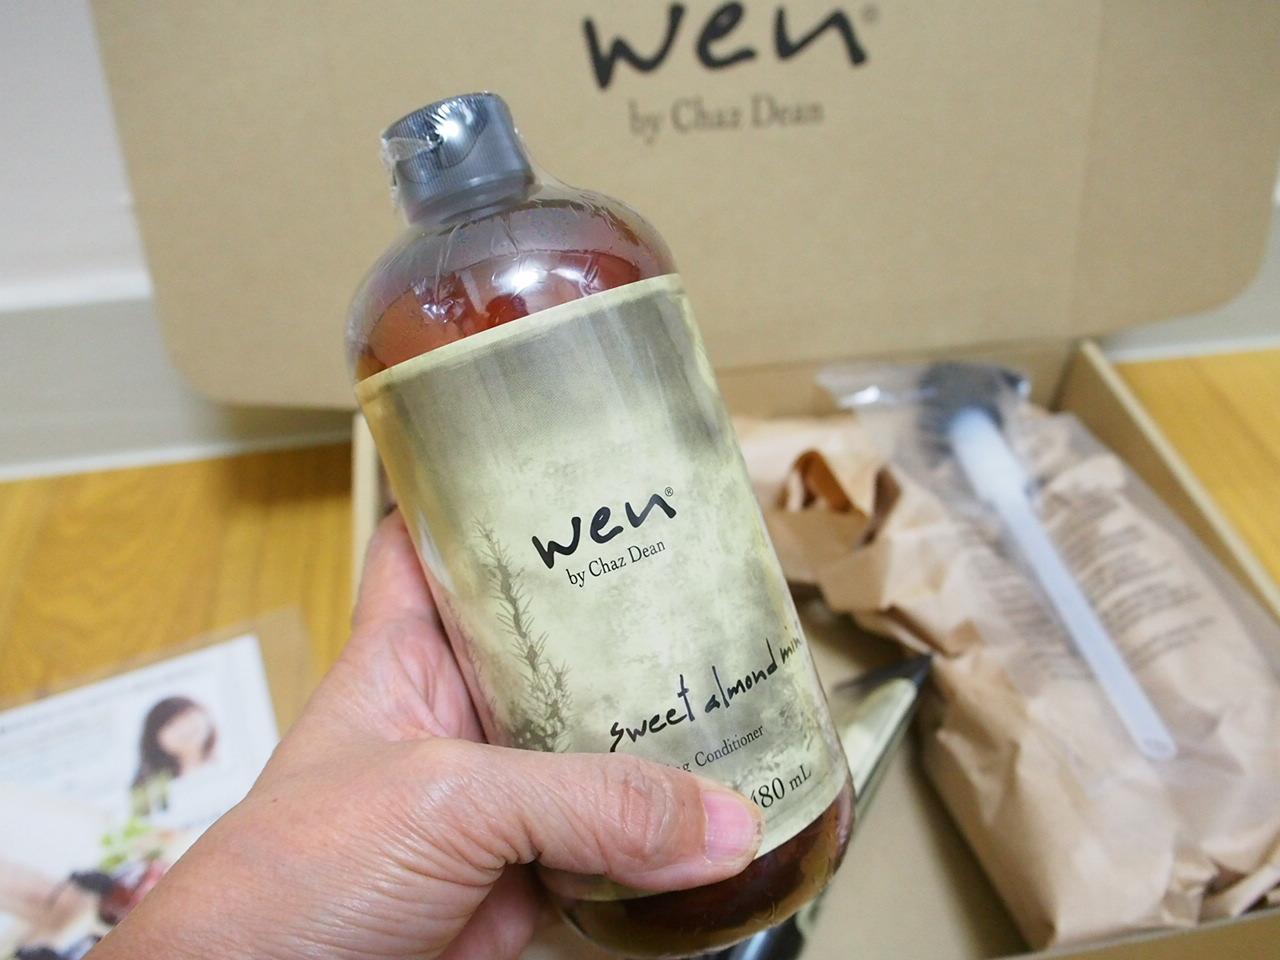 泡の出ないシャンプー「ウェン」サロン発のヘアケア革命、アーモンドを使ったレビュー